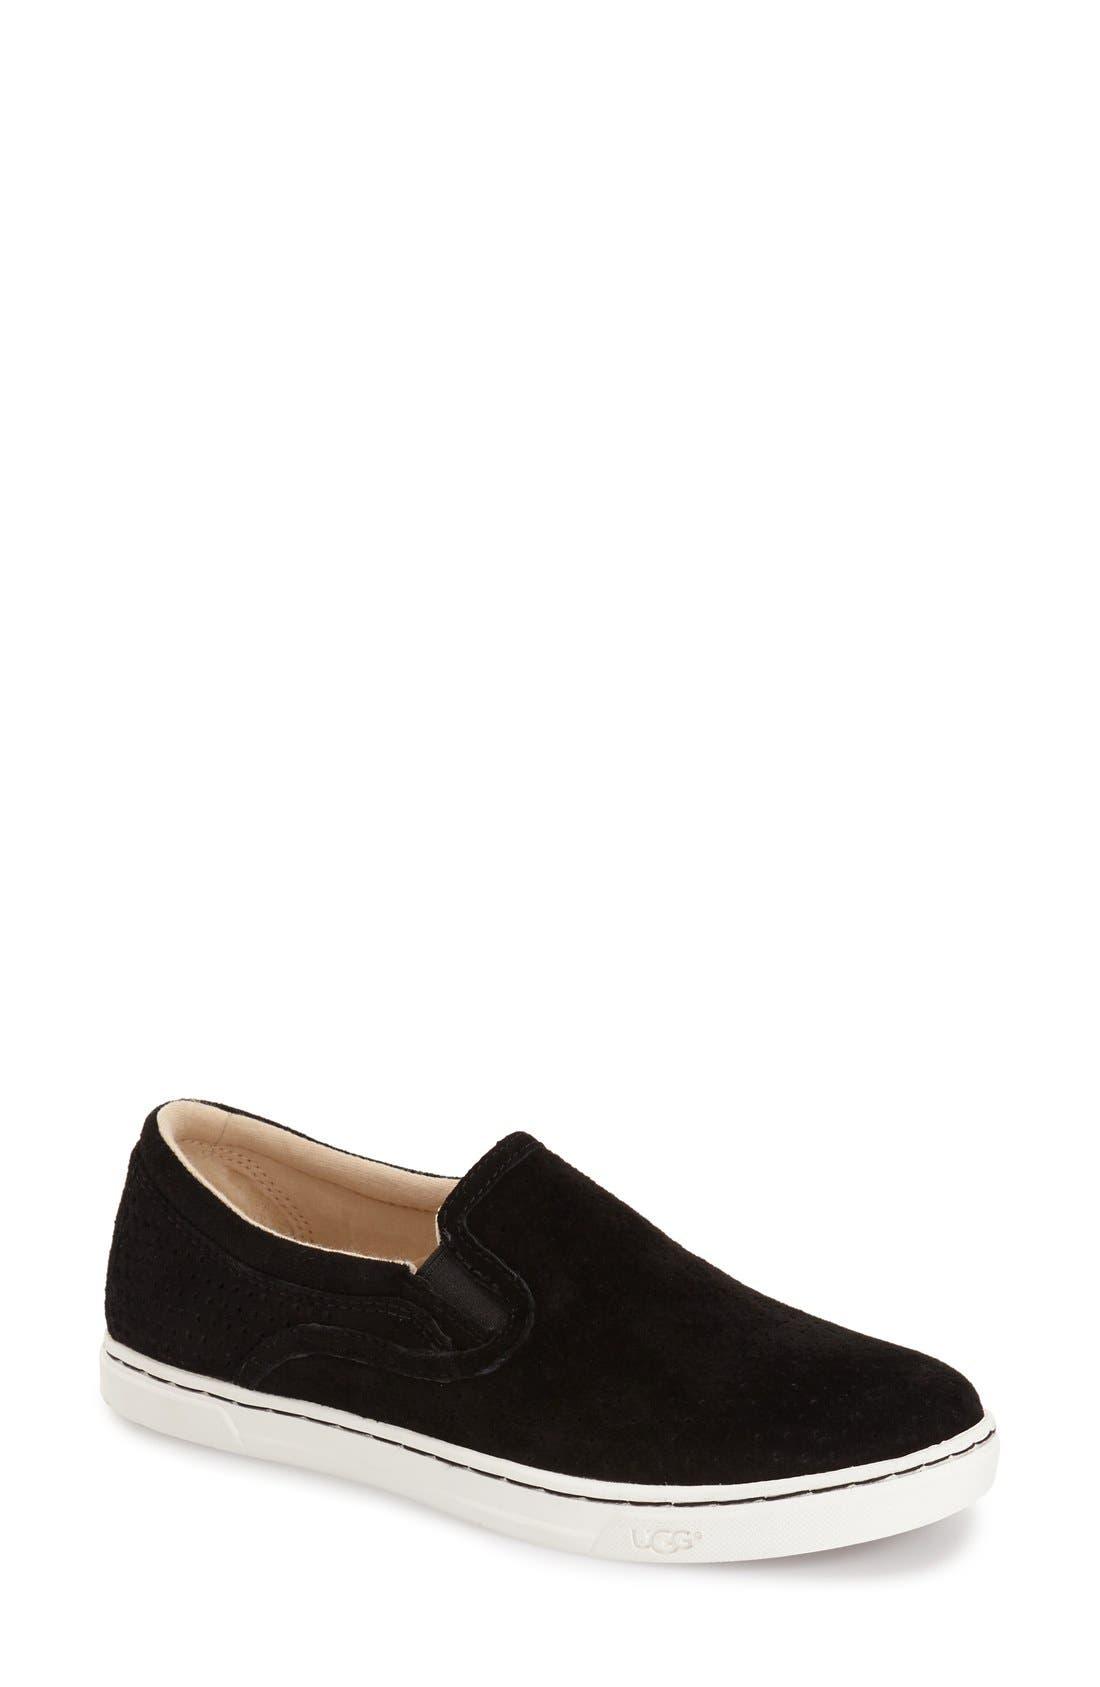 'Fierce Geo' Perforated Slip-On Sneaker,                         Main,                         color, Black Suede